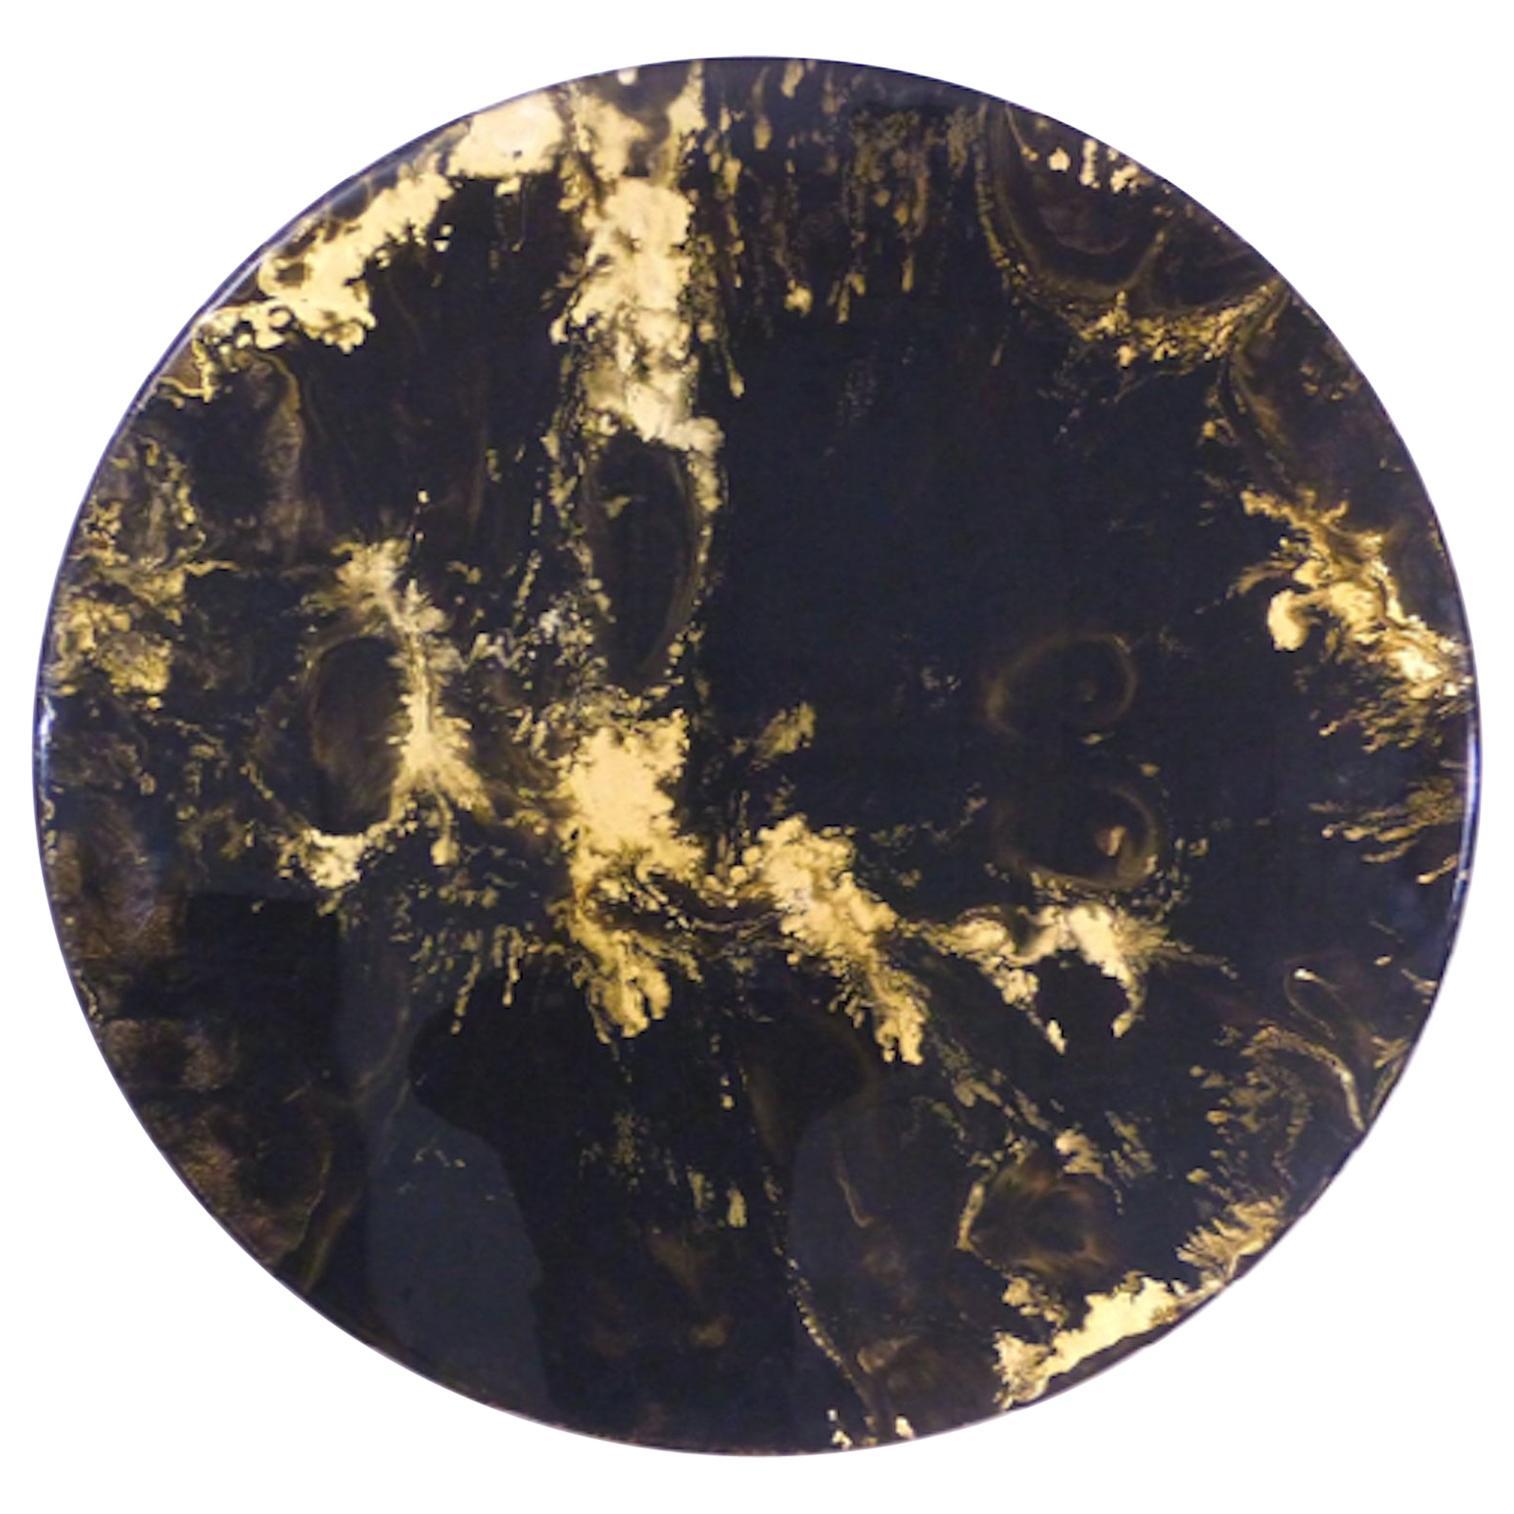 Denis Perrollaz Interstellar Painting in Mixed-Media